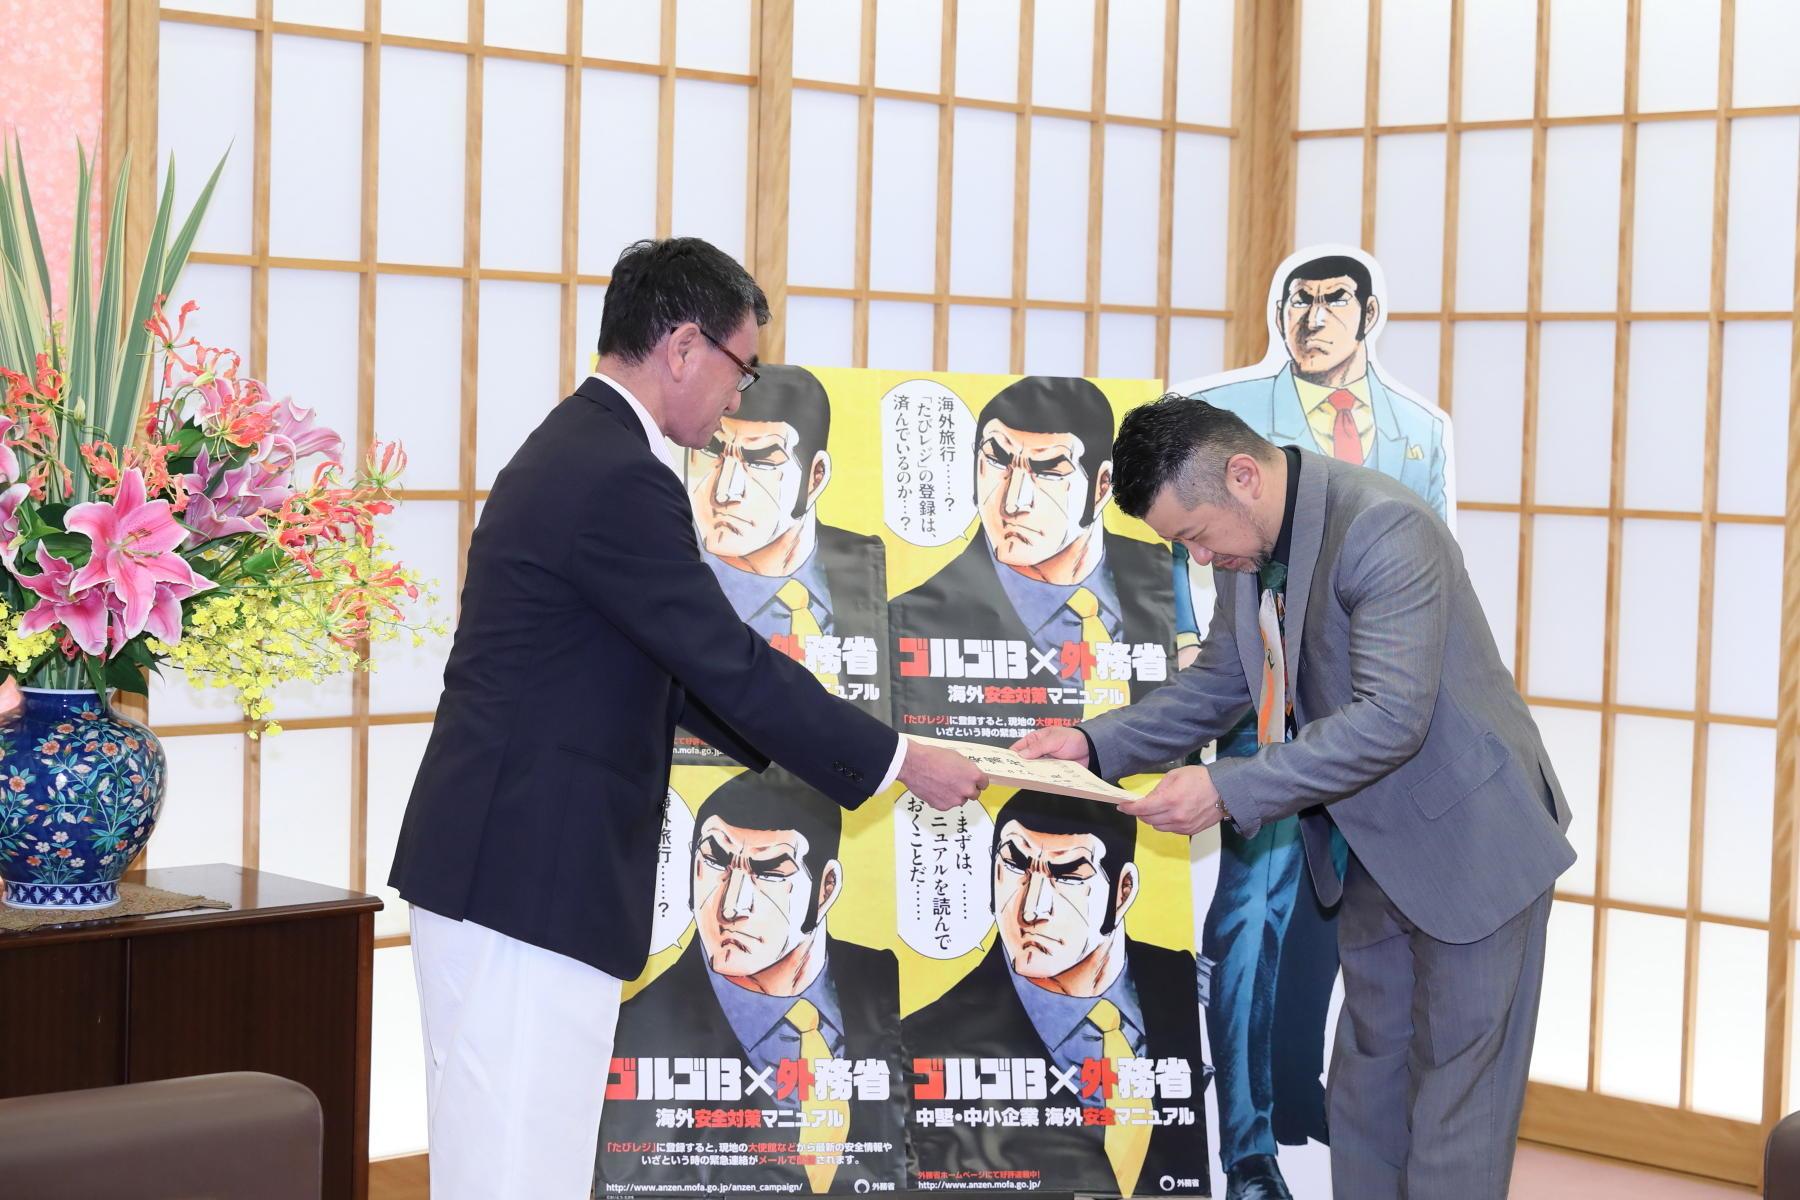 http://news.yoshimoto.co.jp/20180706231857-e12dcb39415e40af7b9e15de7772d01473505f20.jpg